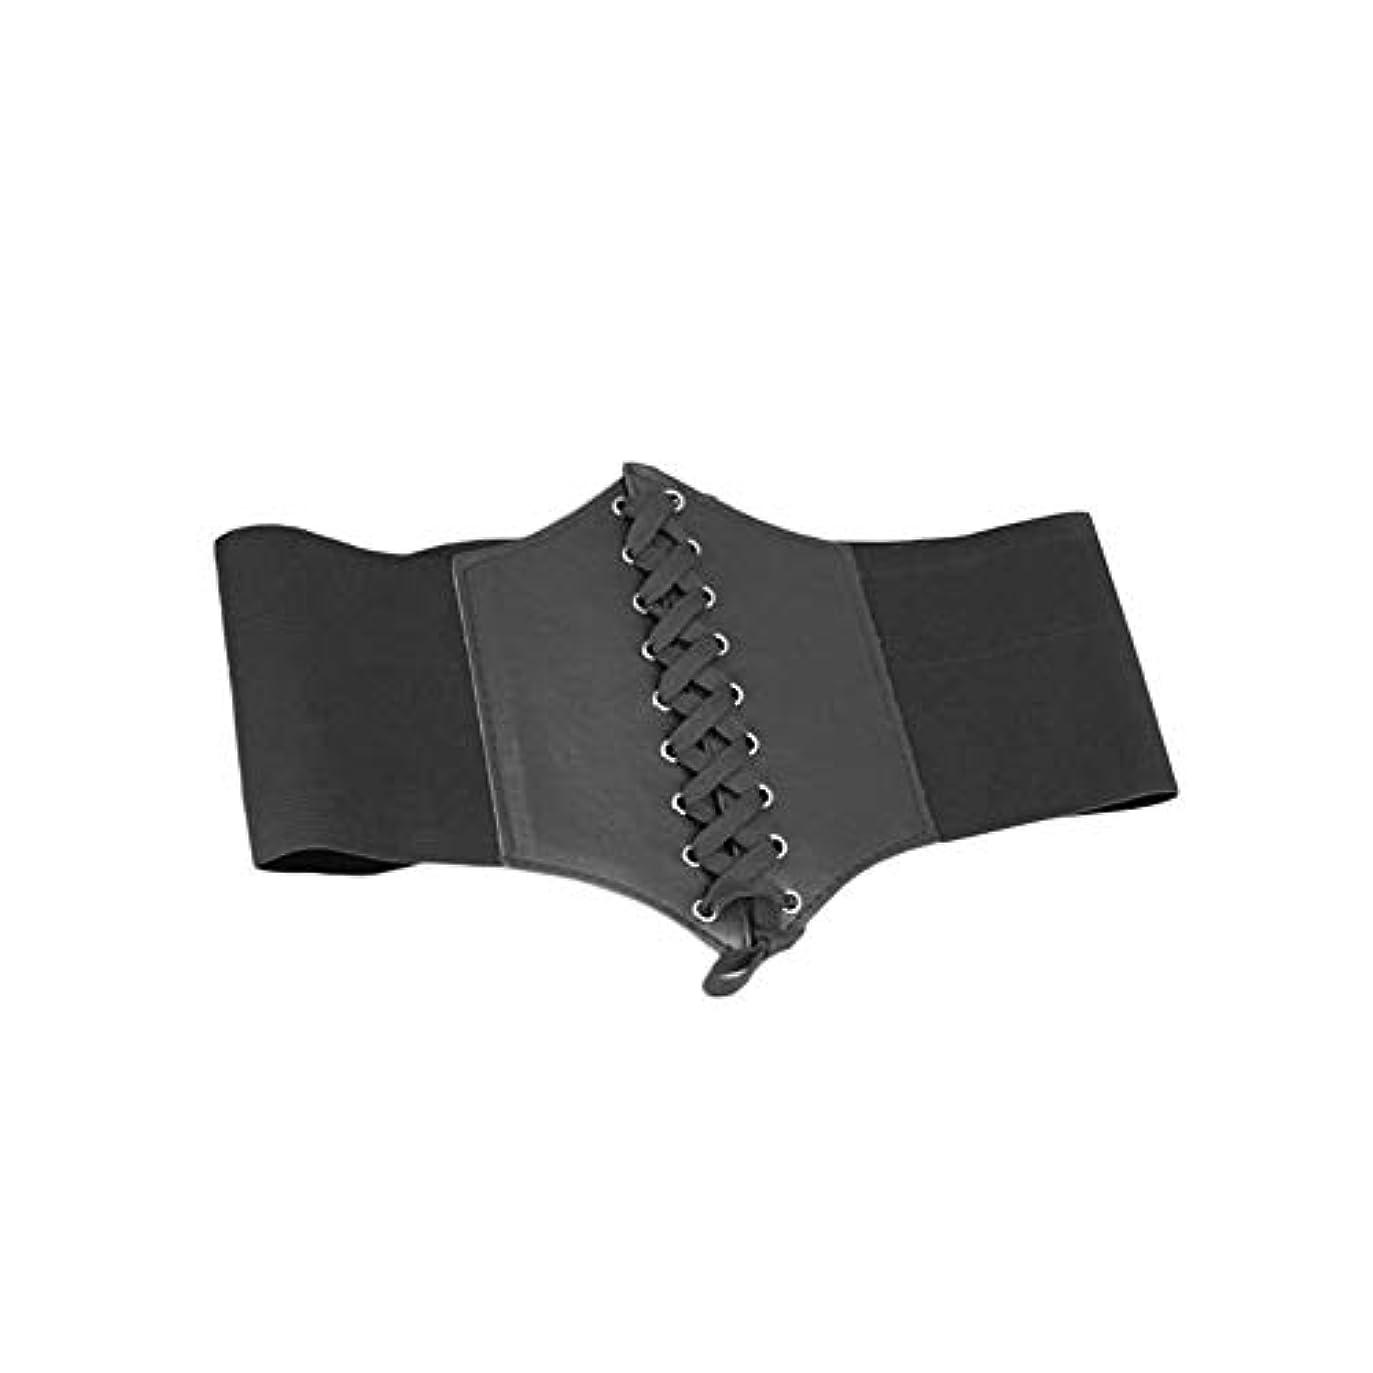 インストラクター複雑な同様の女性ヴィンテージソリッドベルトウエストニッパーレースアップコルセット包帯ハイストレッチ調節可能なネクタイワイドウエストバンド用女性 - 黒